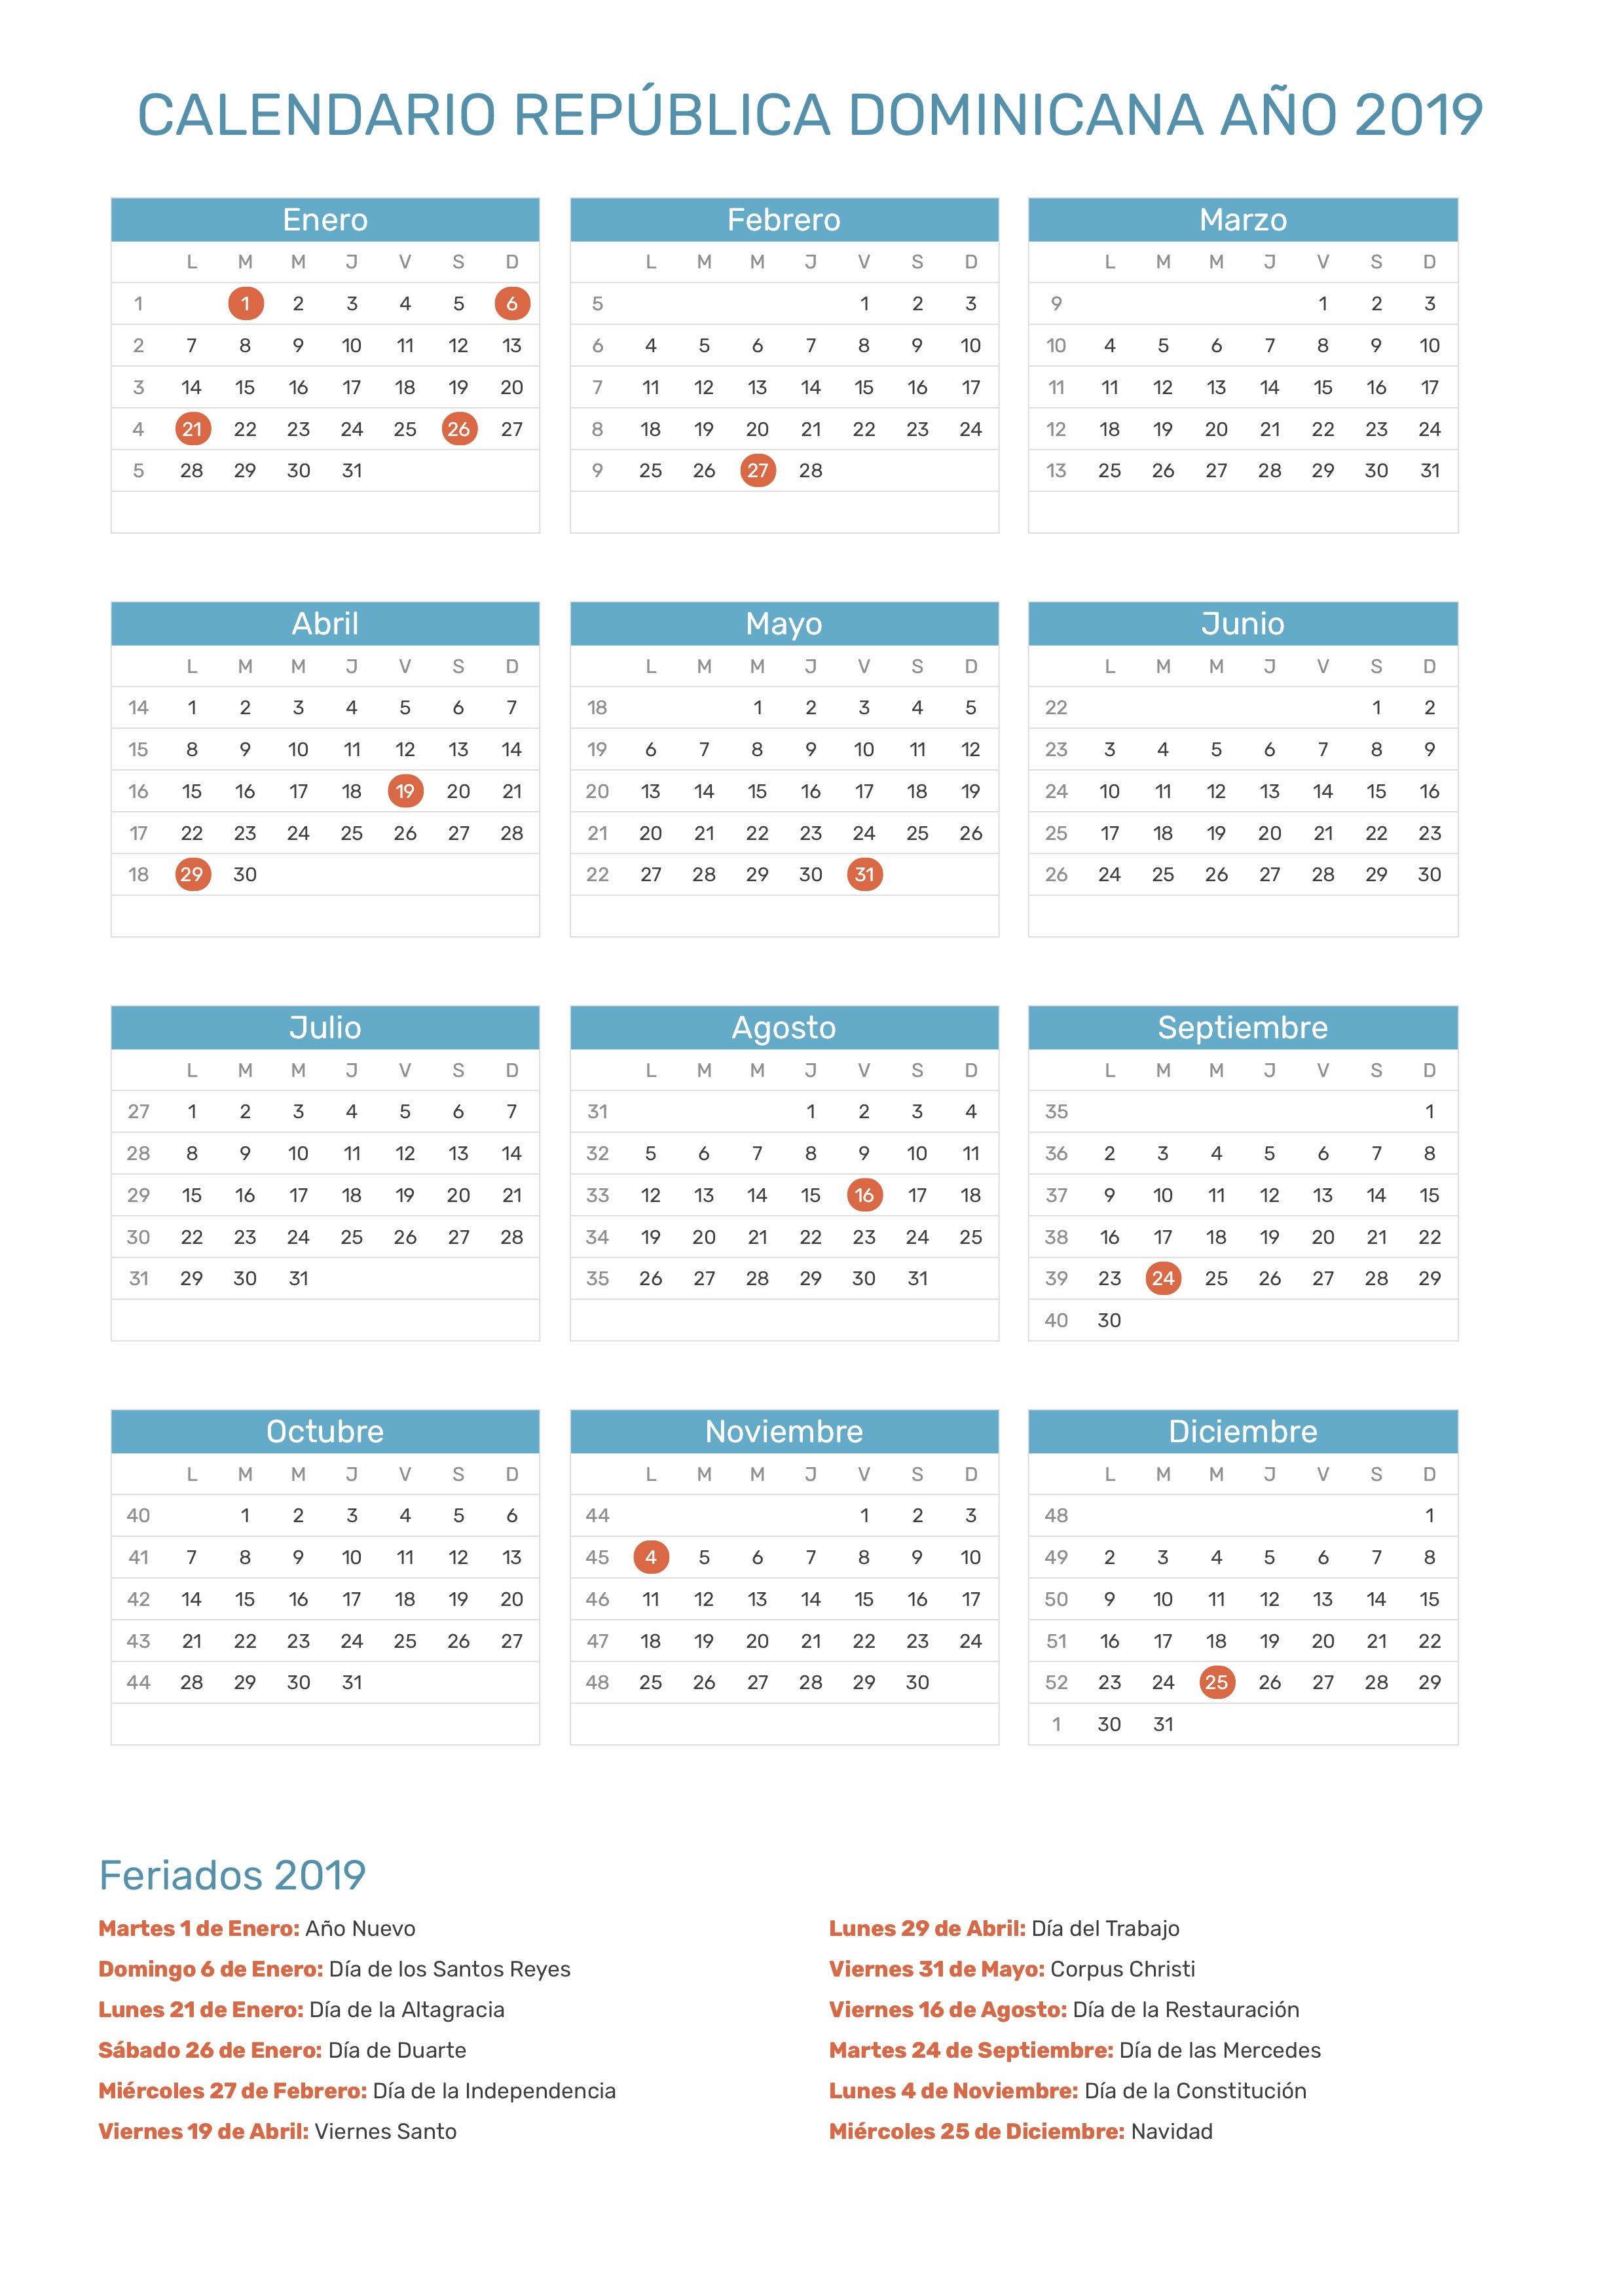 Calendario Fiscal 2019 Honduras.Calendario De Republica Dominicana Ano 2019 Feriados